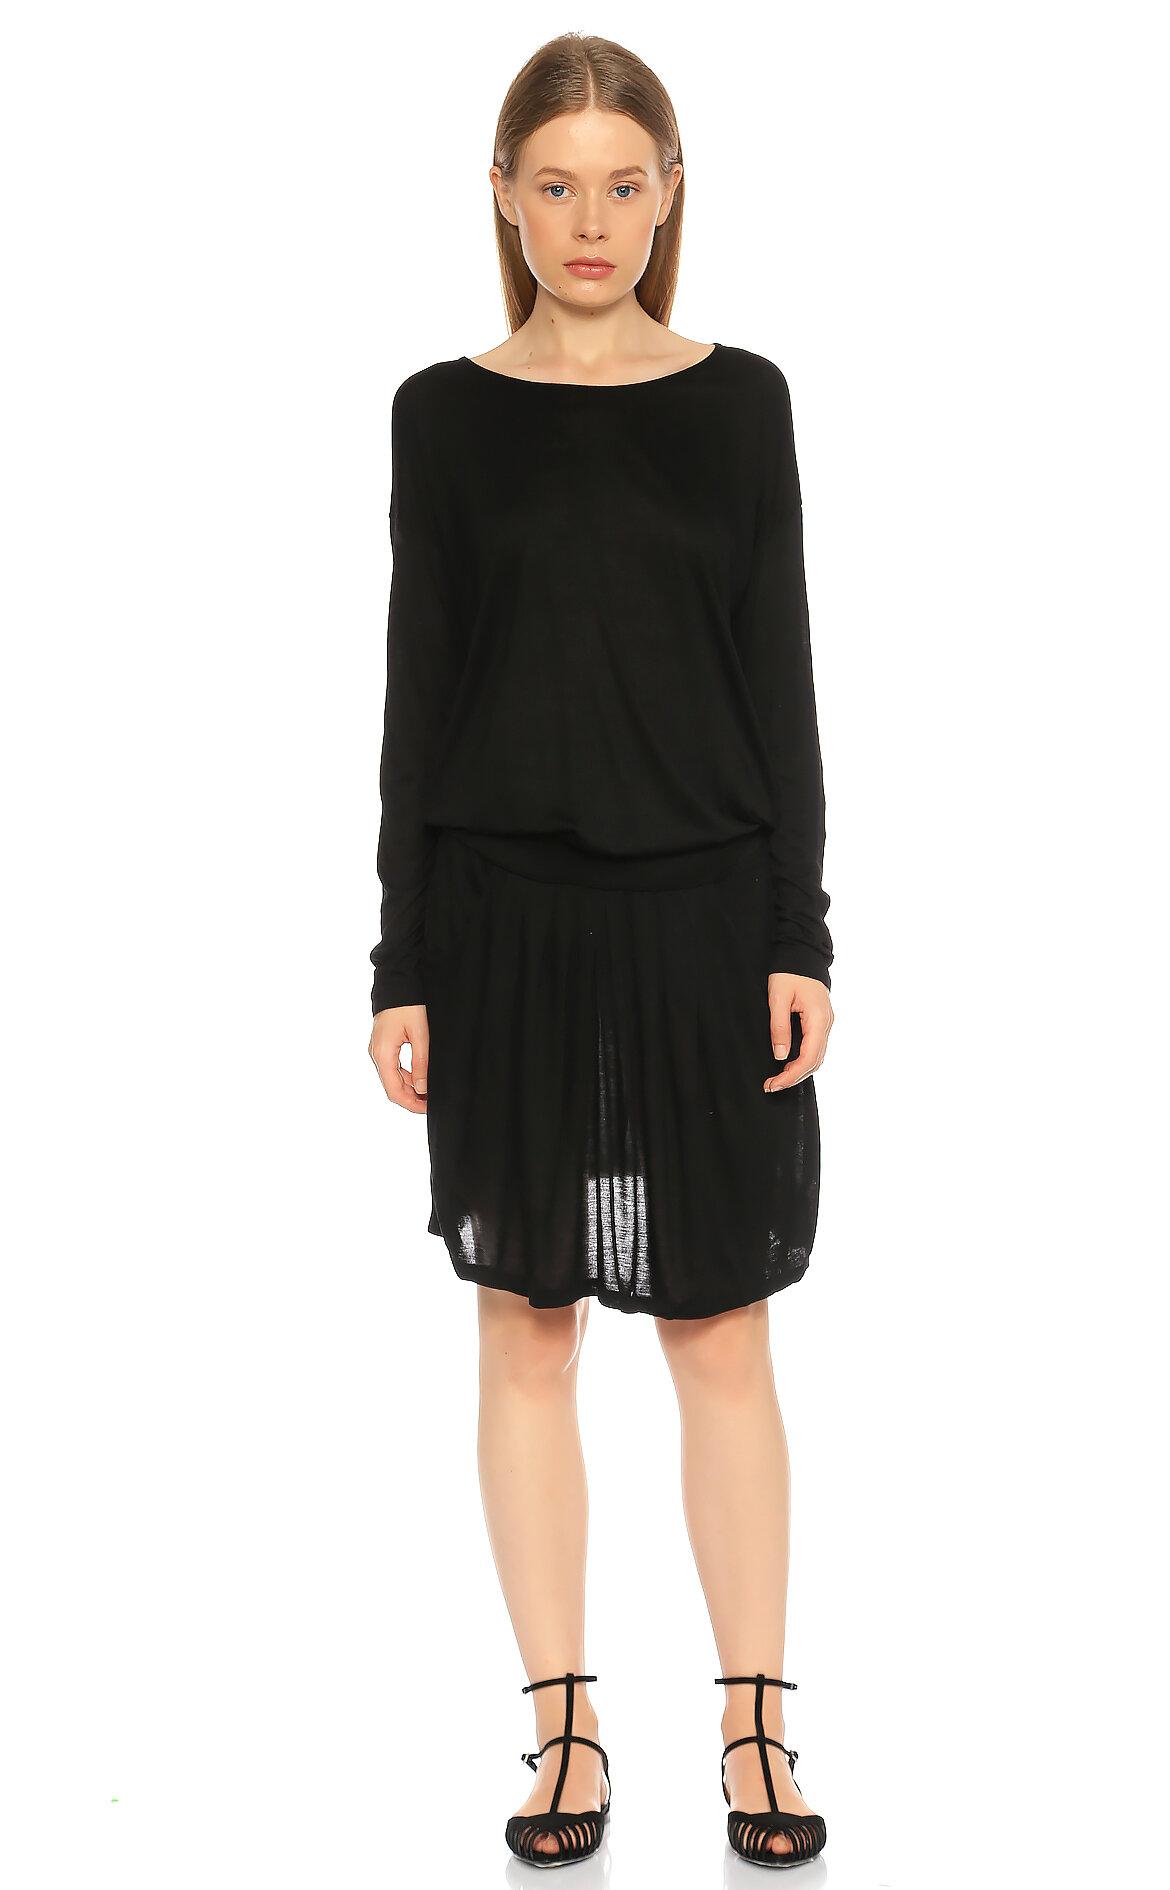 DKNY-Dkny Uzun Kollu Dizüstü Siyah Elbise